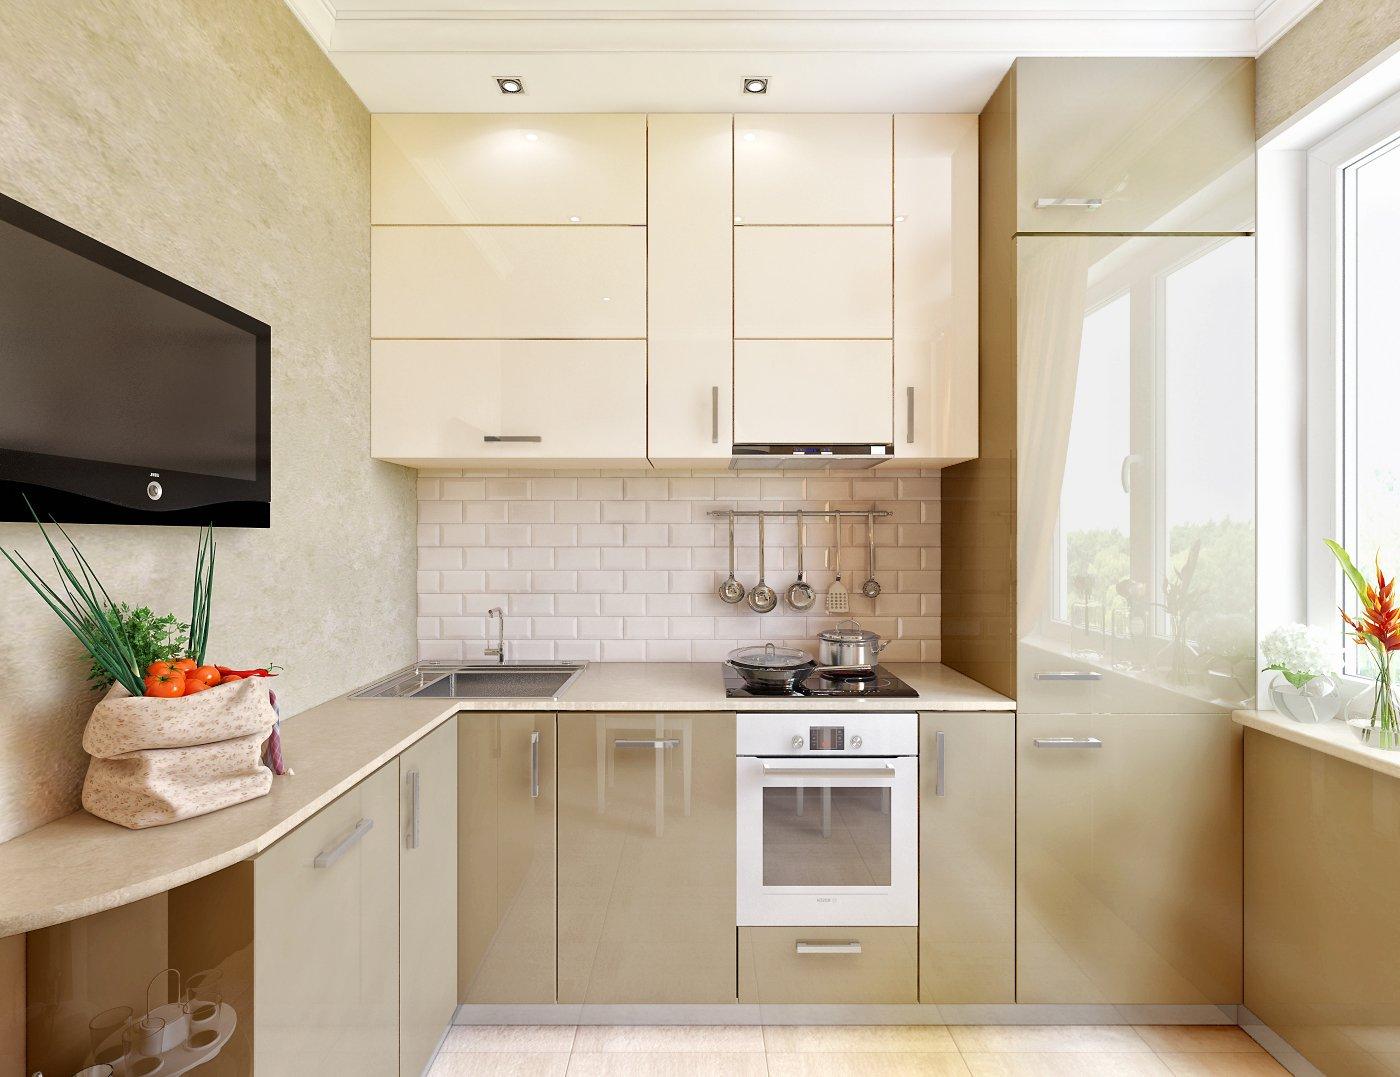 Бежевая кухня 6 кв м